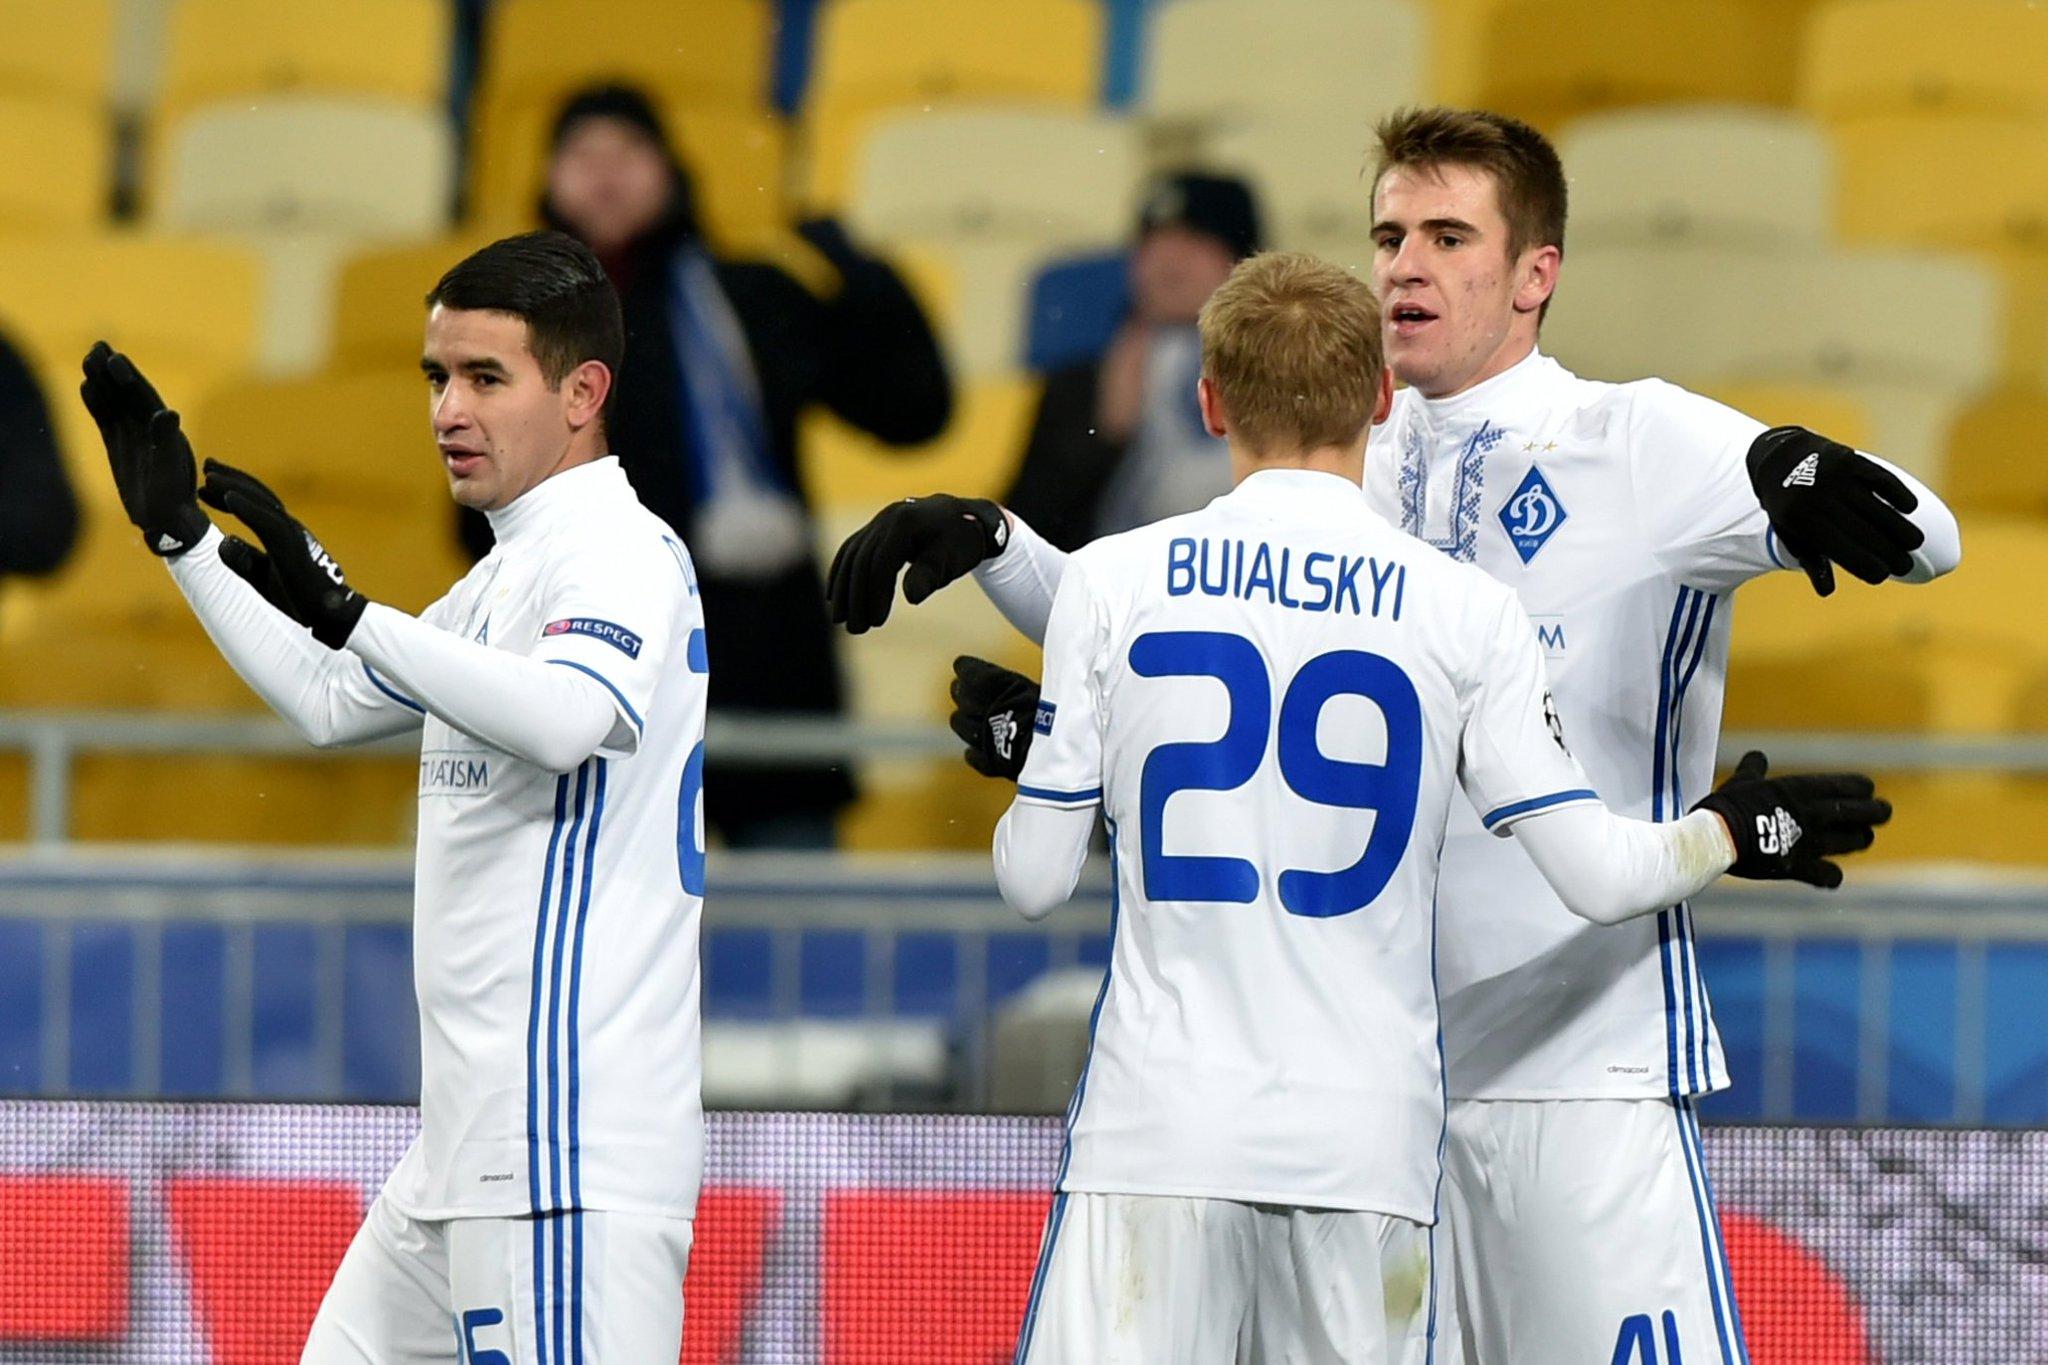 دينامو كييف يسجل أغرب هدف في جولة دوري الأبطال